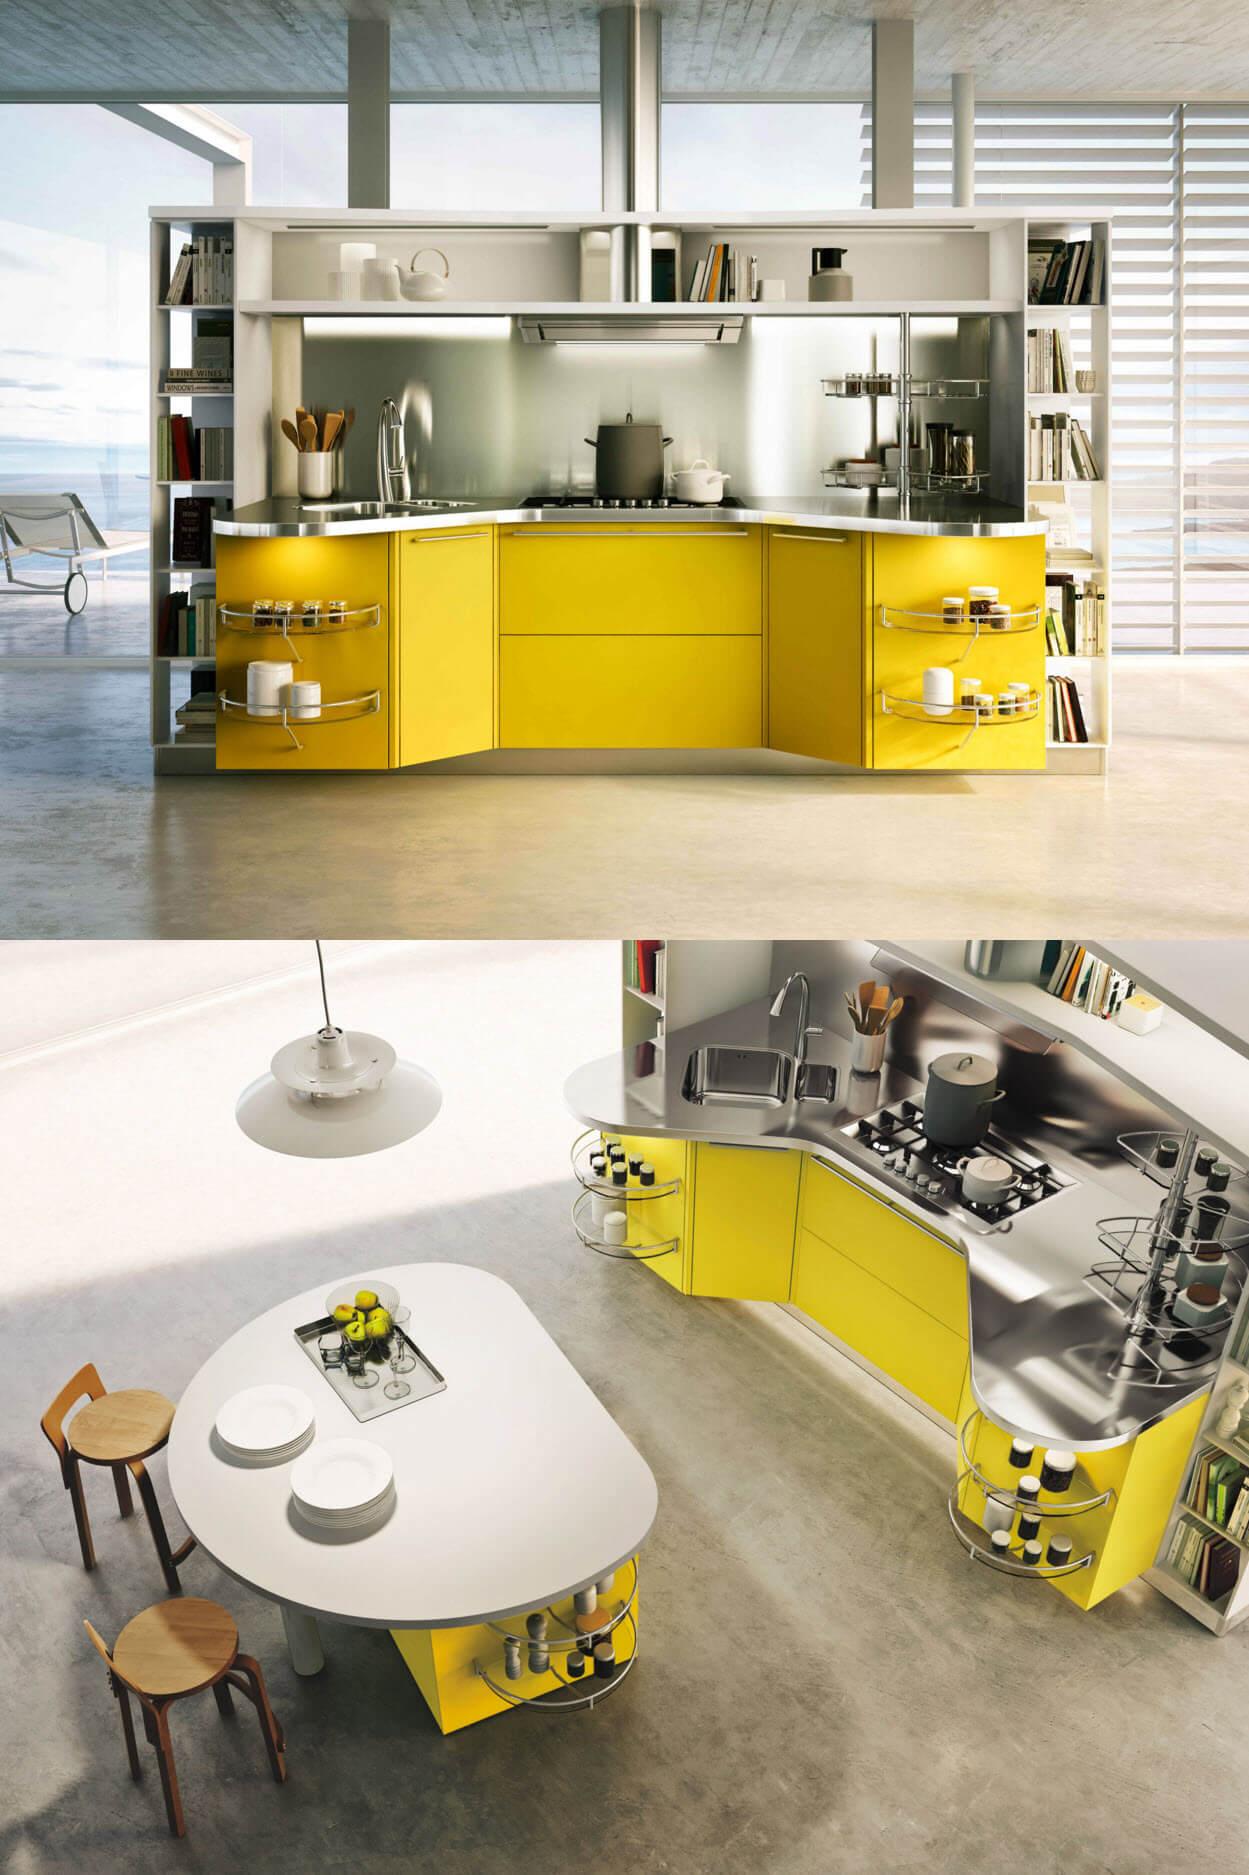 Design of modern kitchen with island